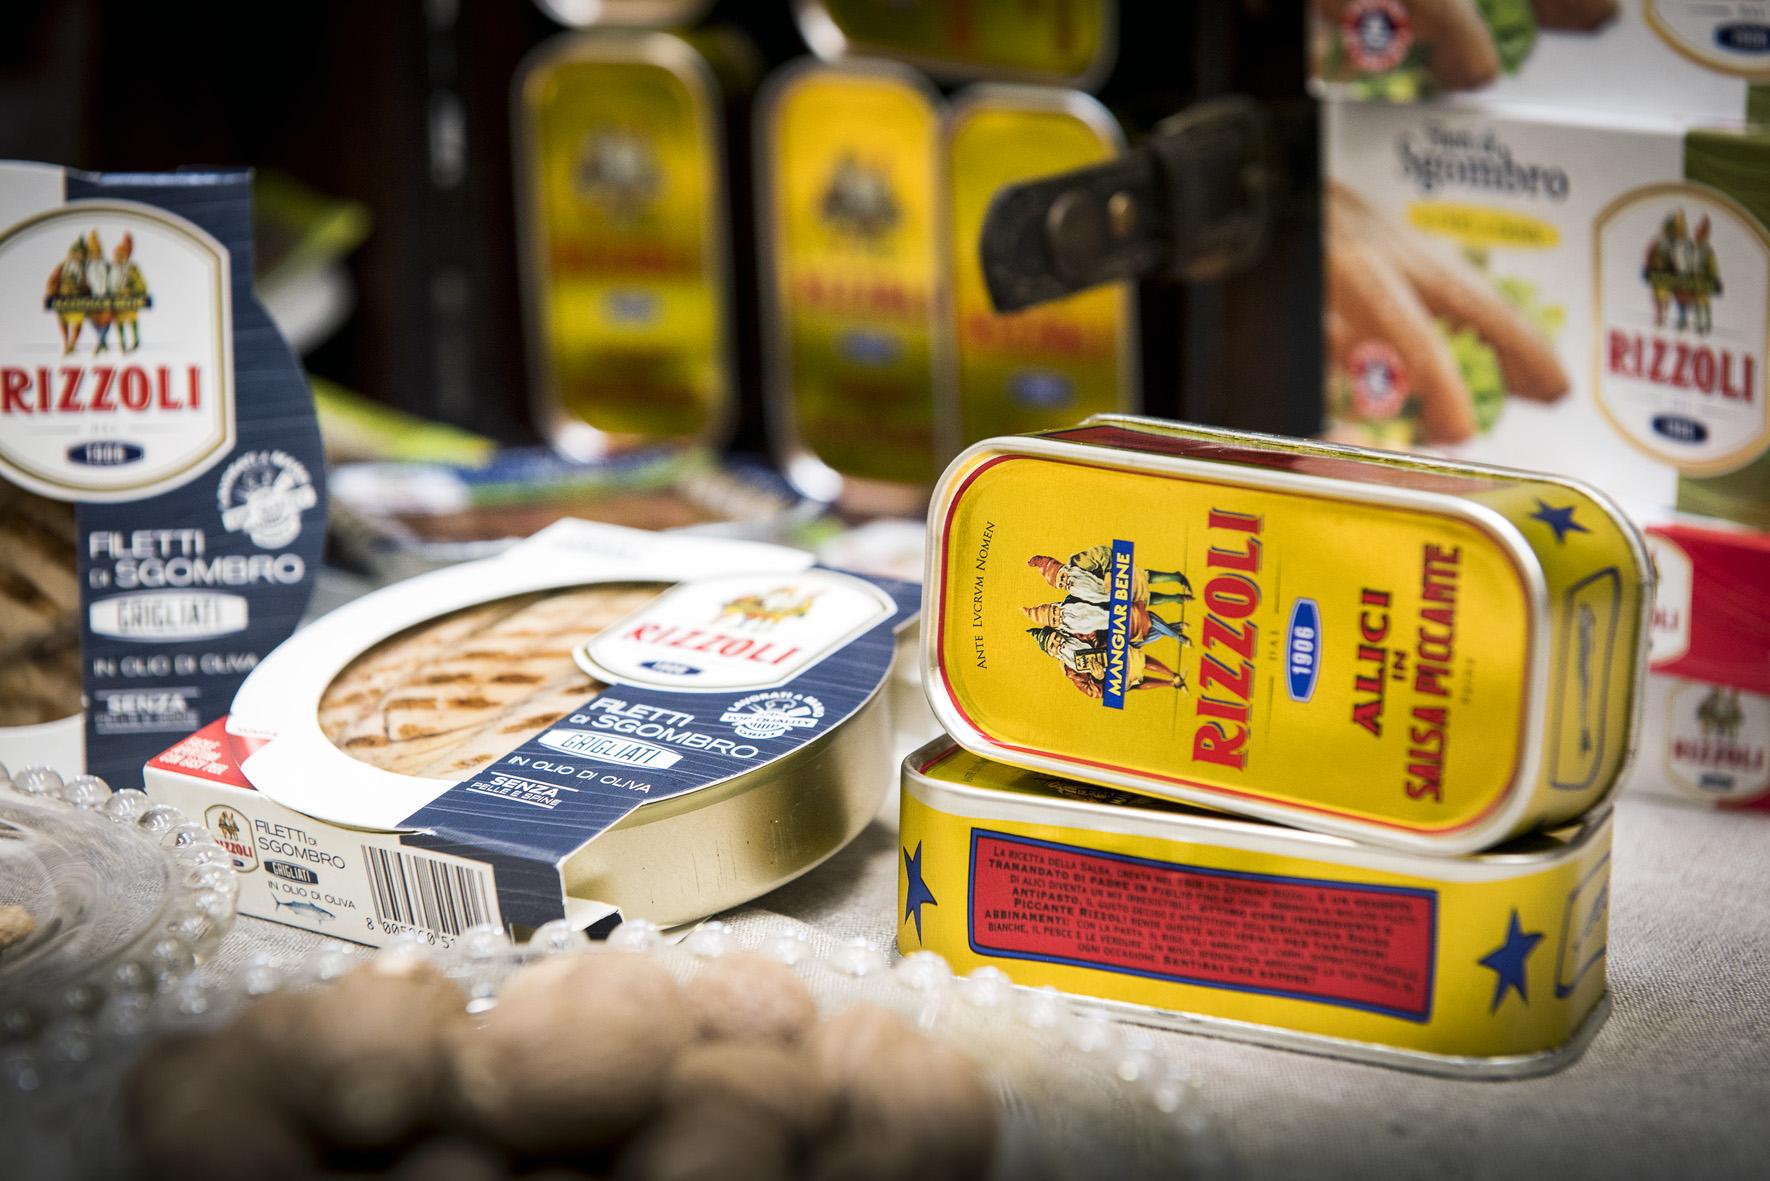 Le Specialit Ittiche Rizzoli Emanuelli A Summer Fancy Food Show Di New York